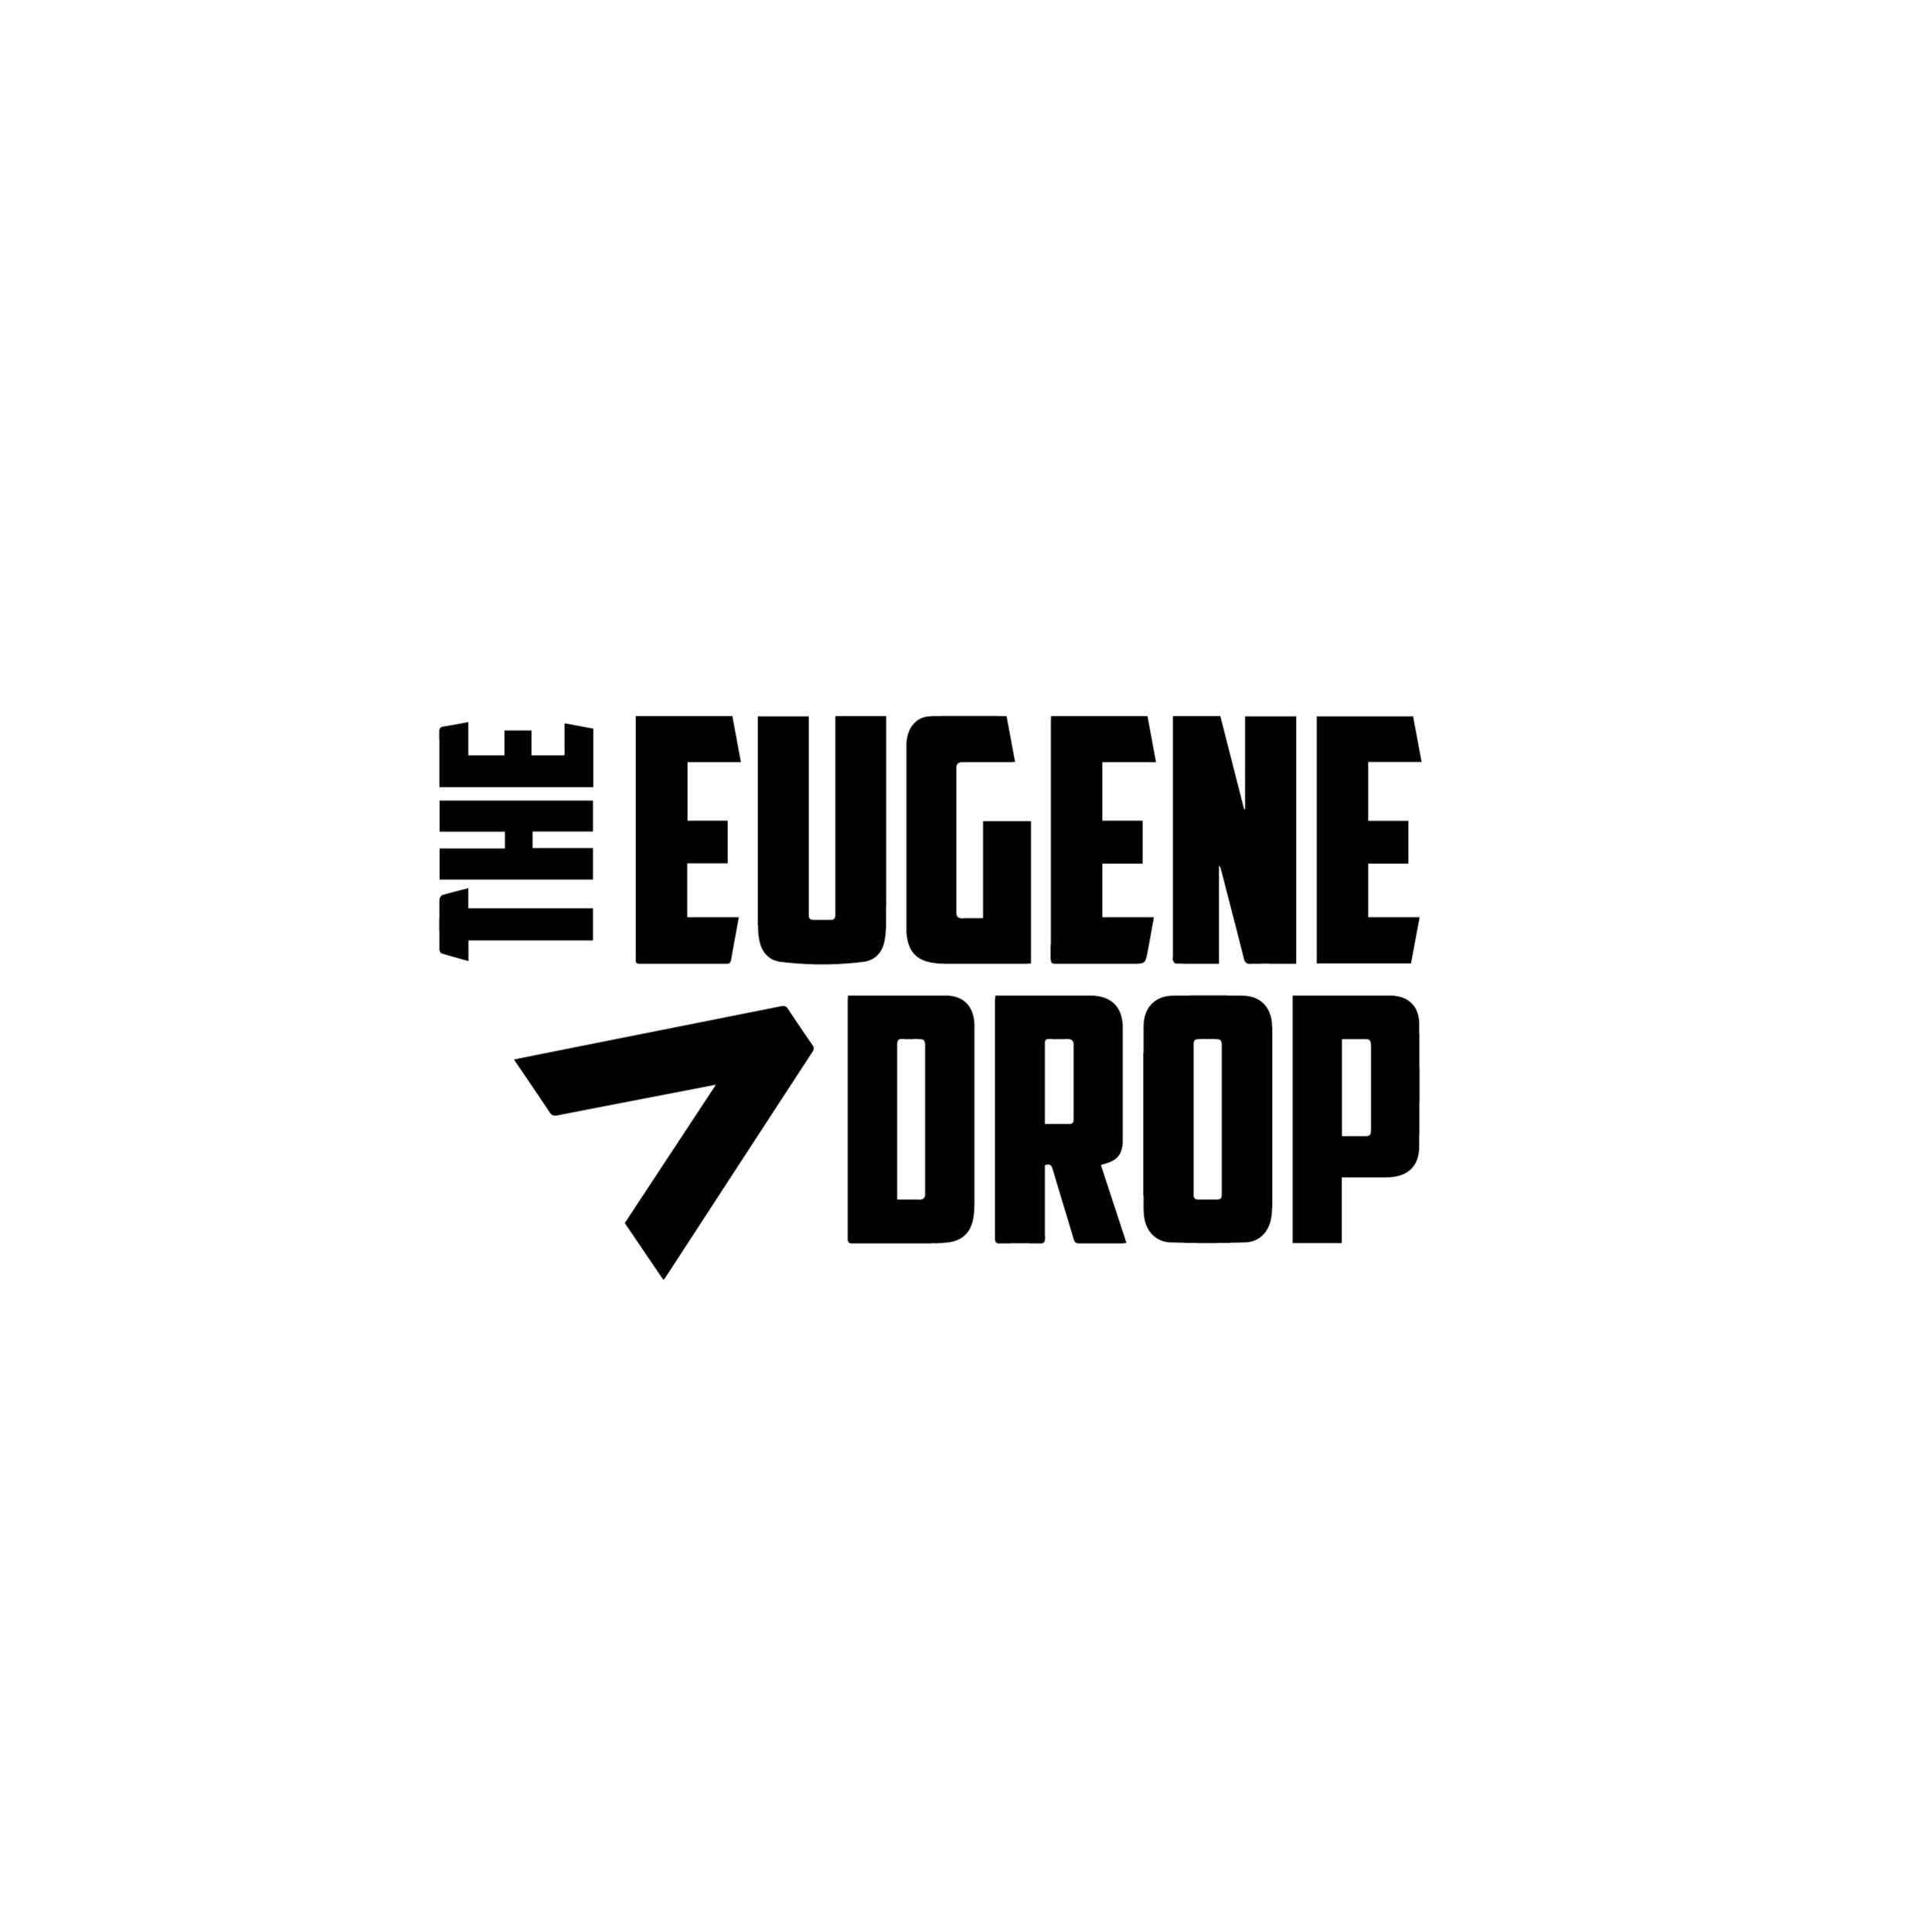 1 Eugene Drop.png